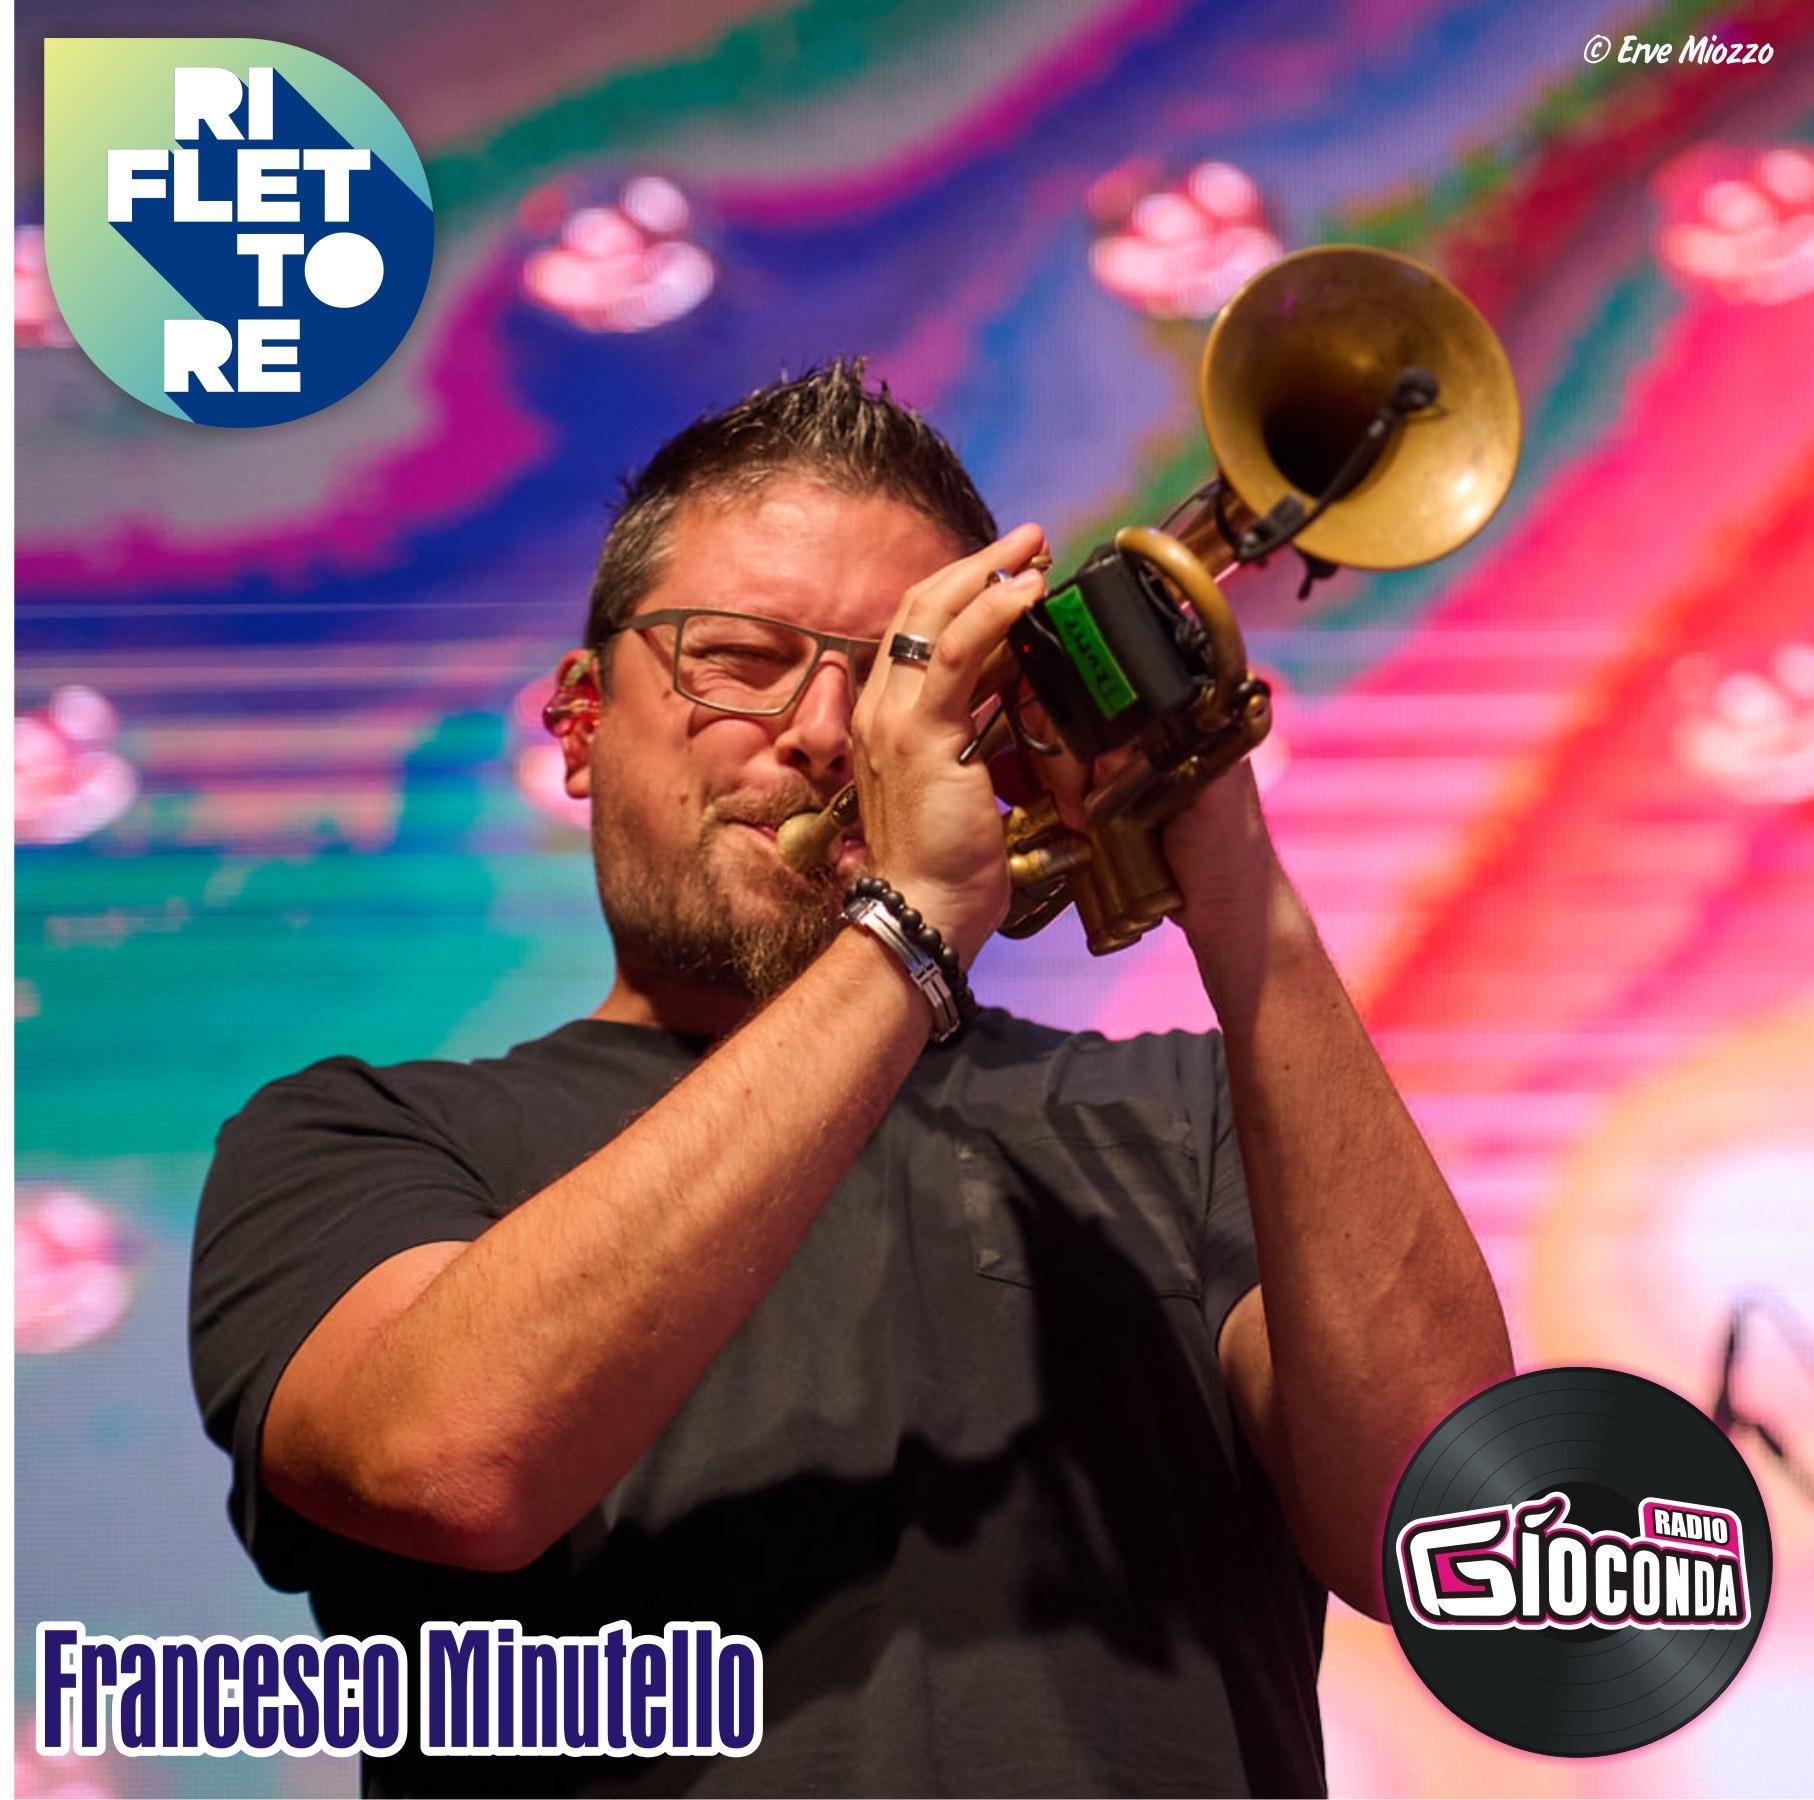 Riflettore con il trombettista Francesco Minutello